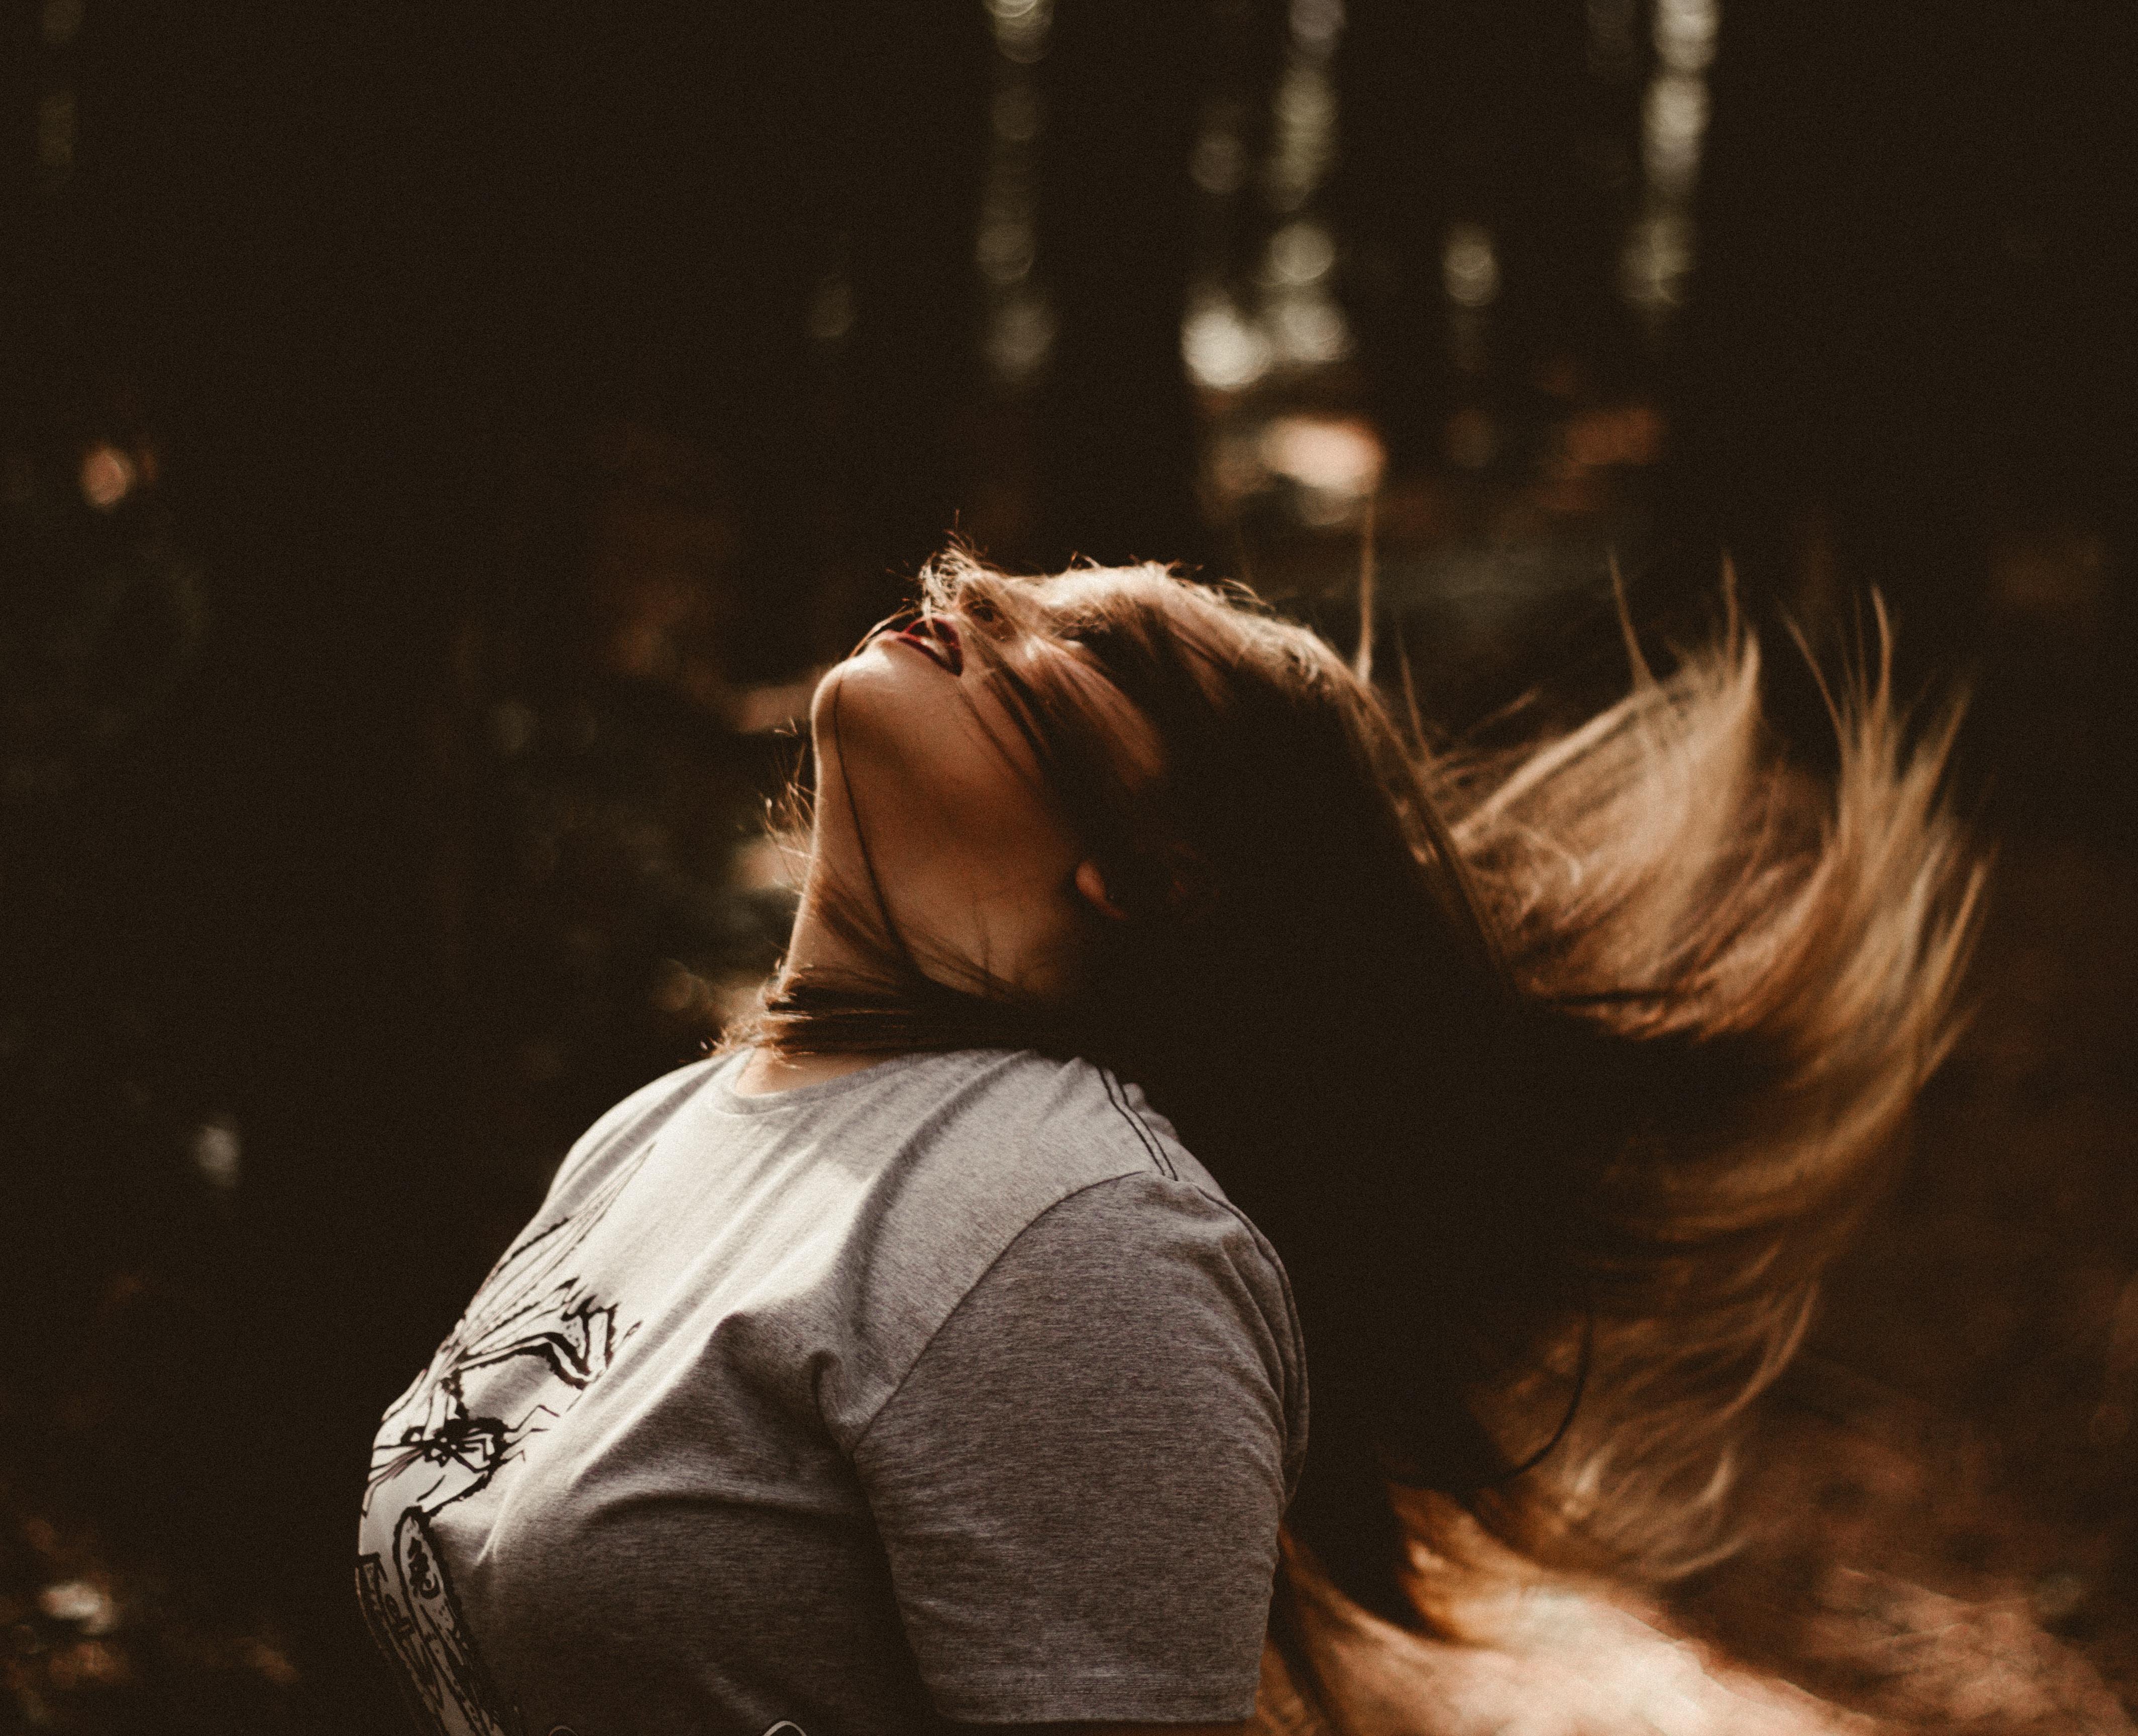 グレーのカットソーを着た髪をふりみだす女性の画像